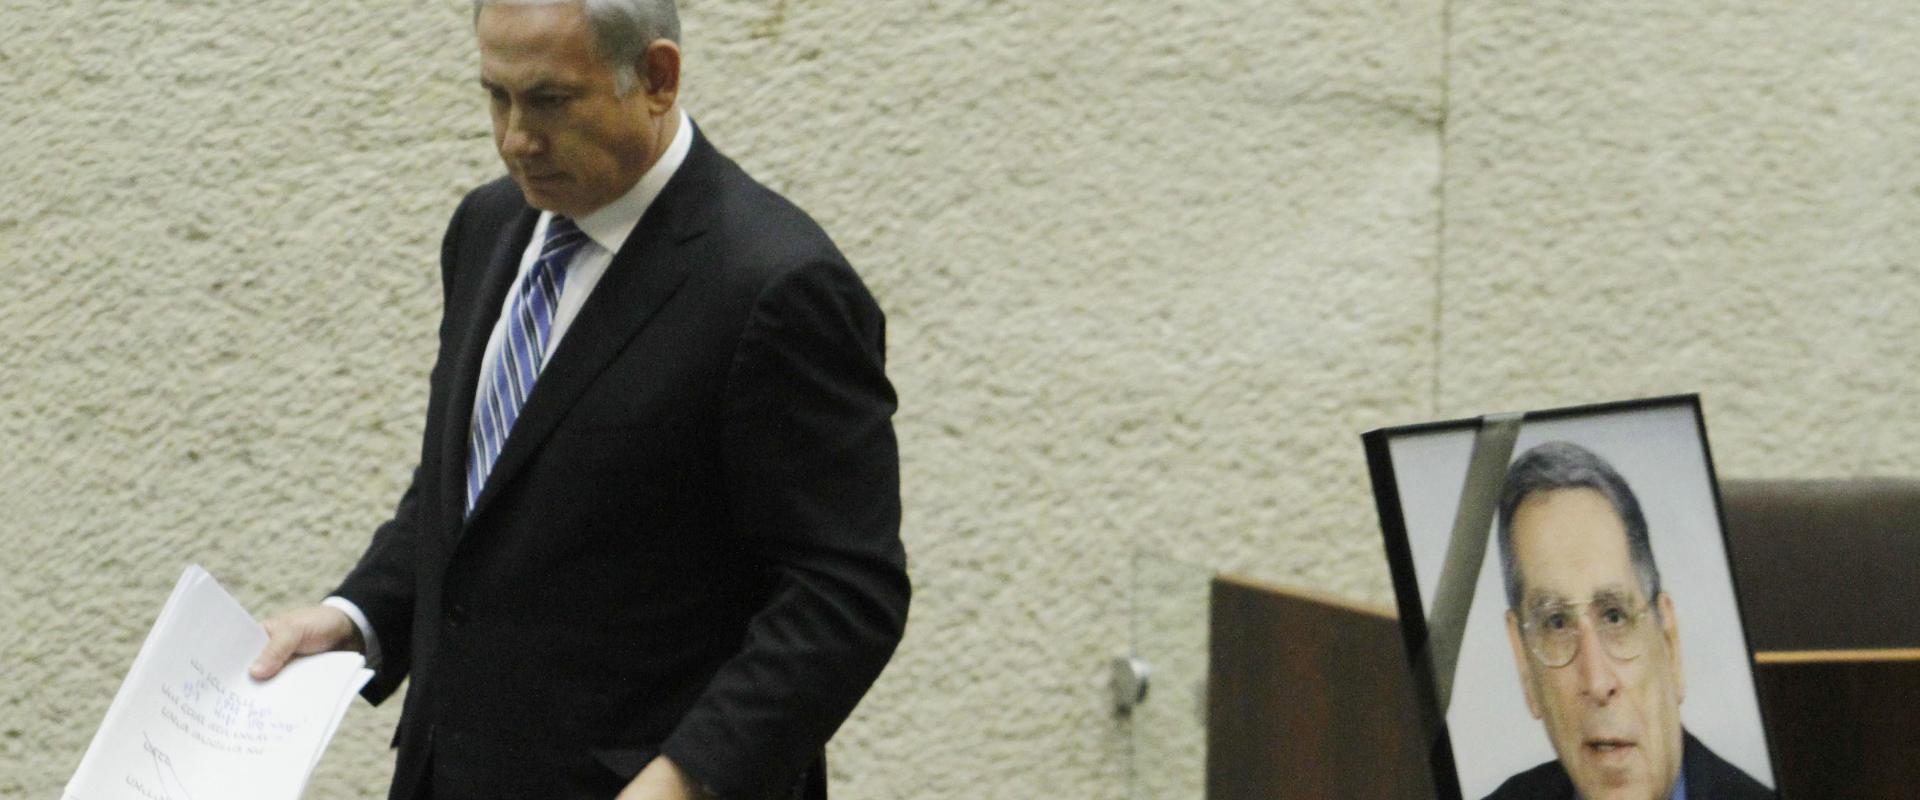 ראש הממשלה בנימין נתניהו לצד תמונתו של רחבעם זאבי